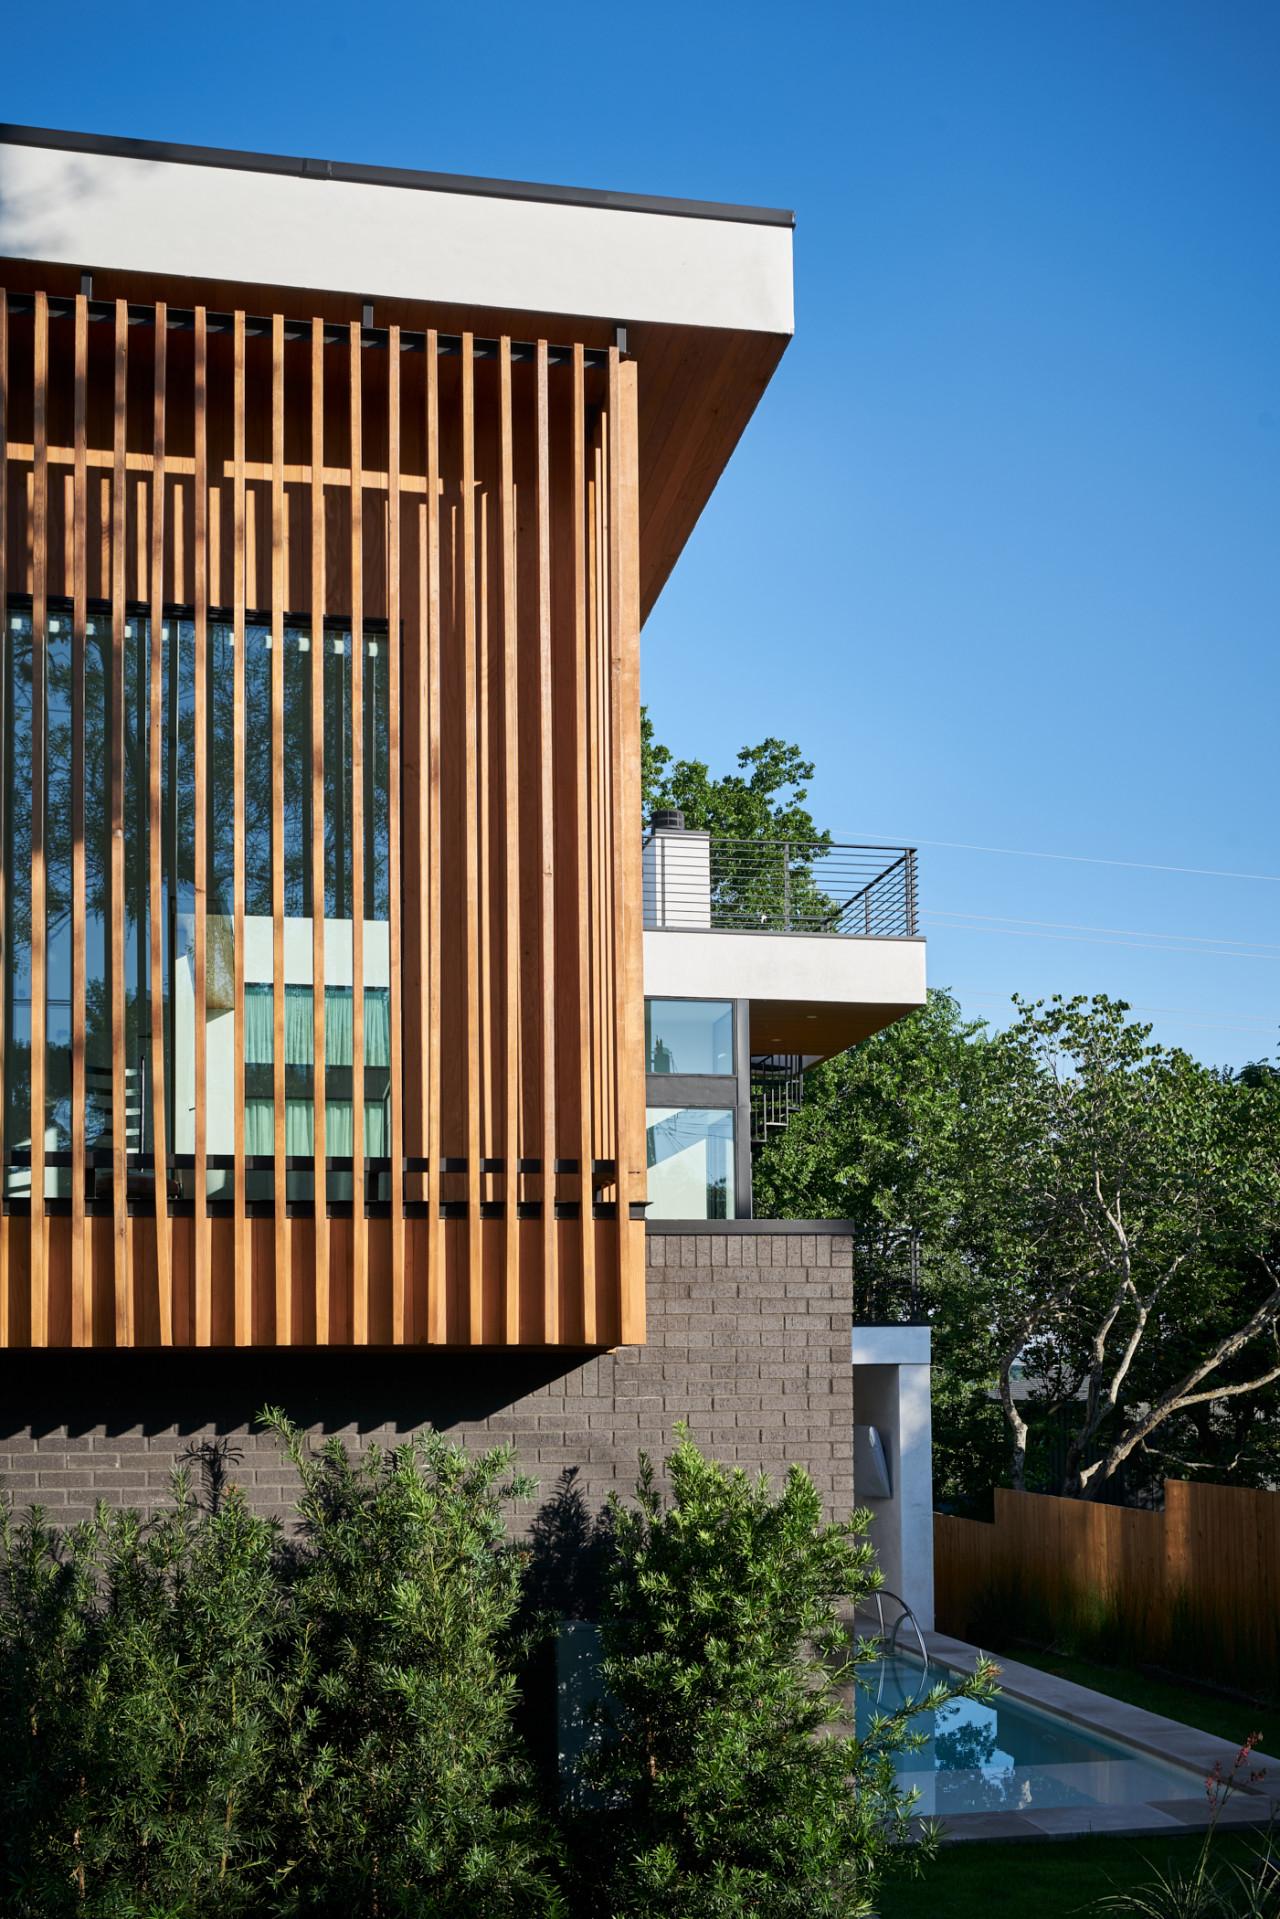 Glass house with wood slats